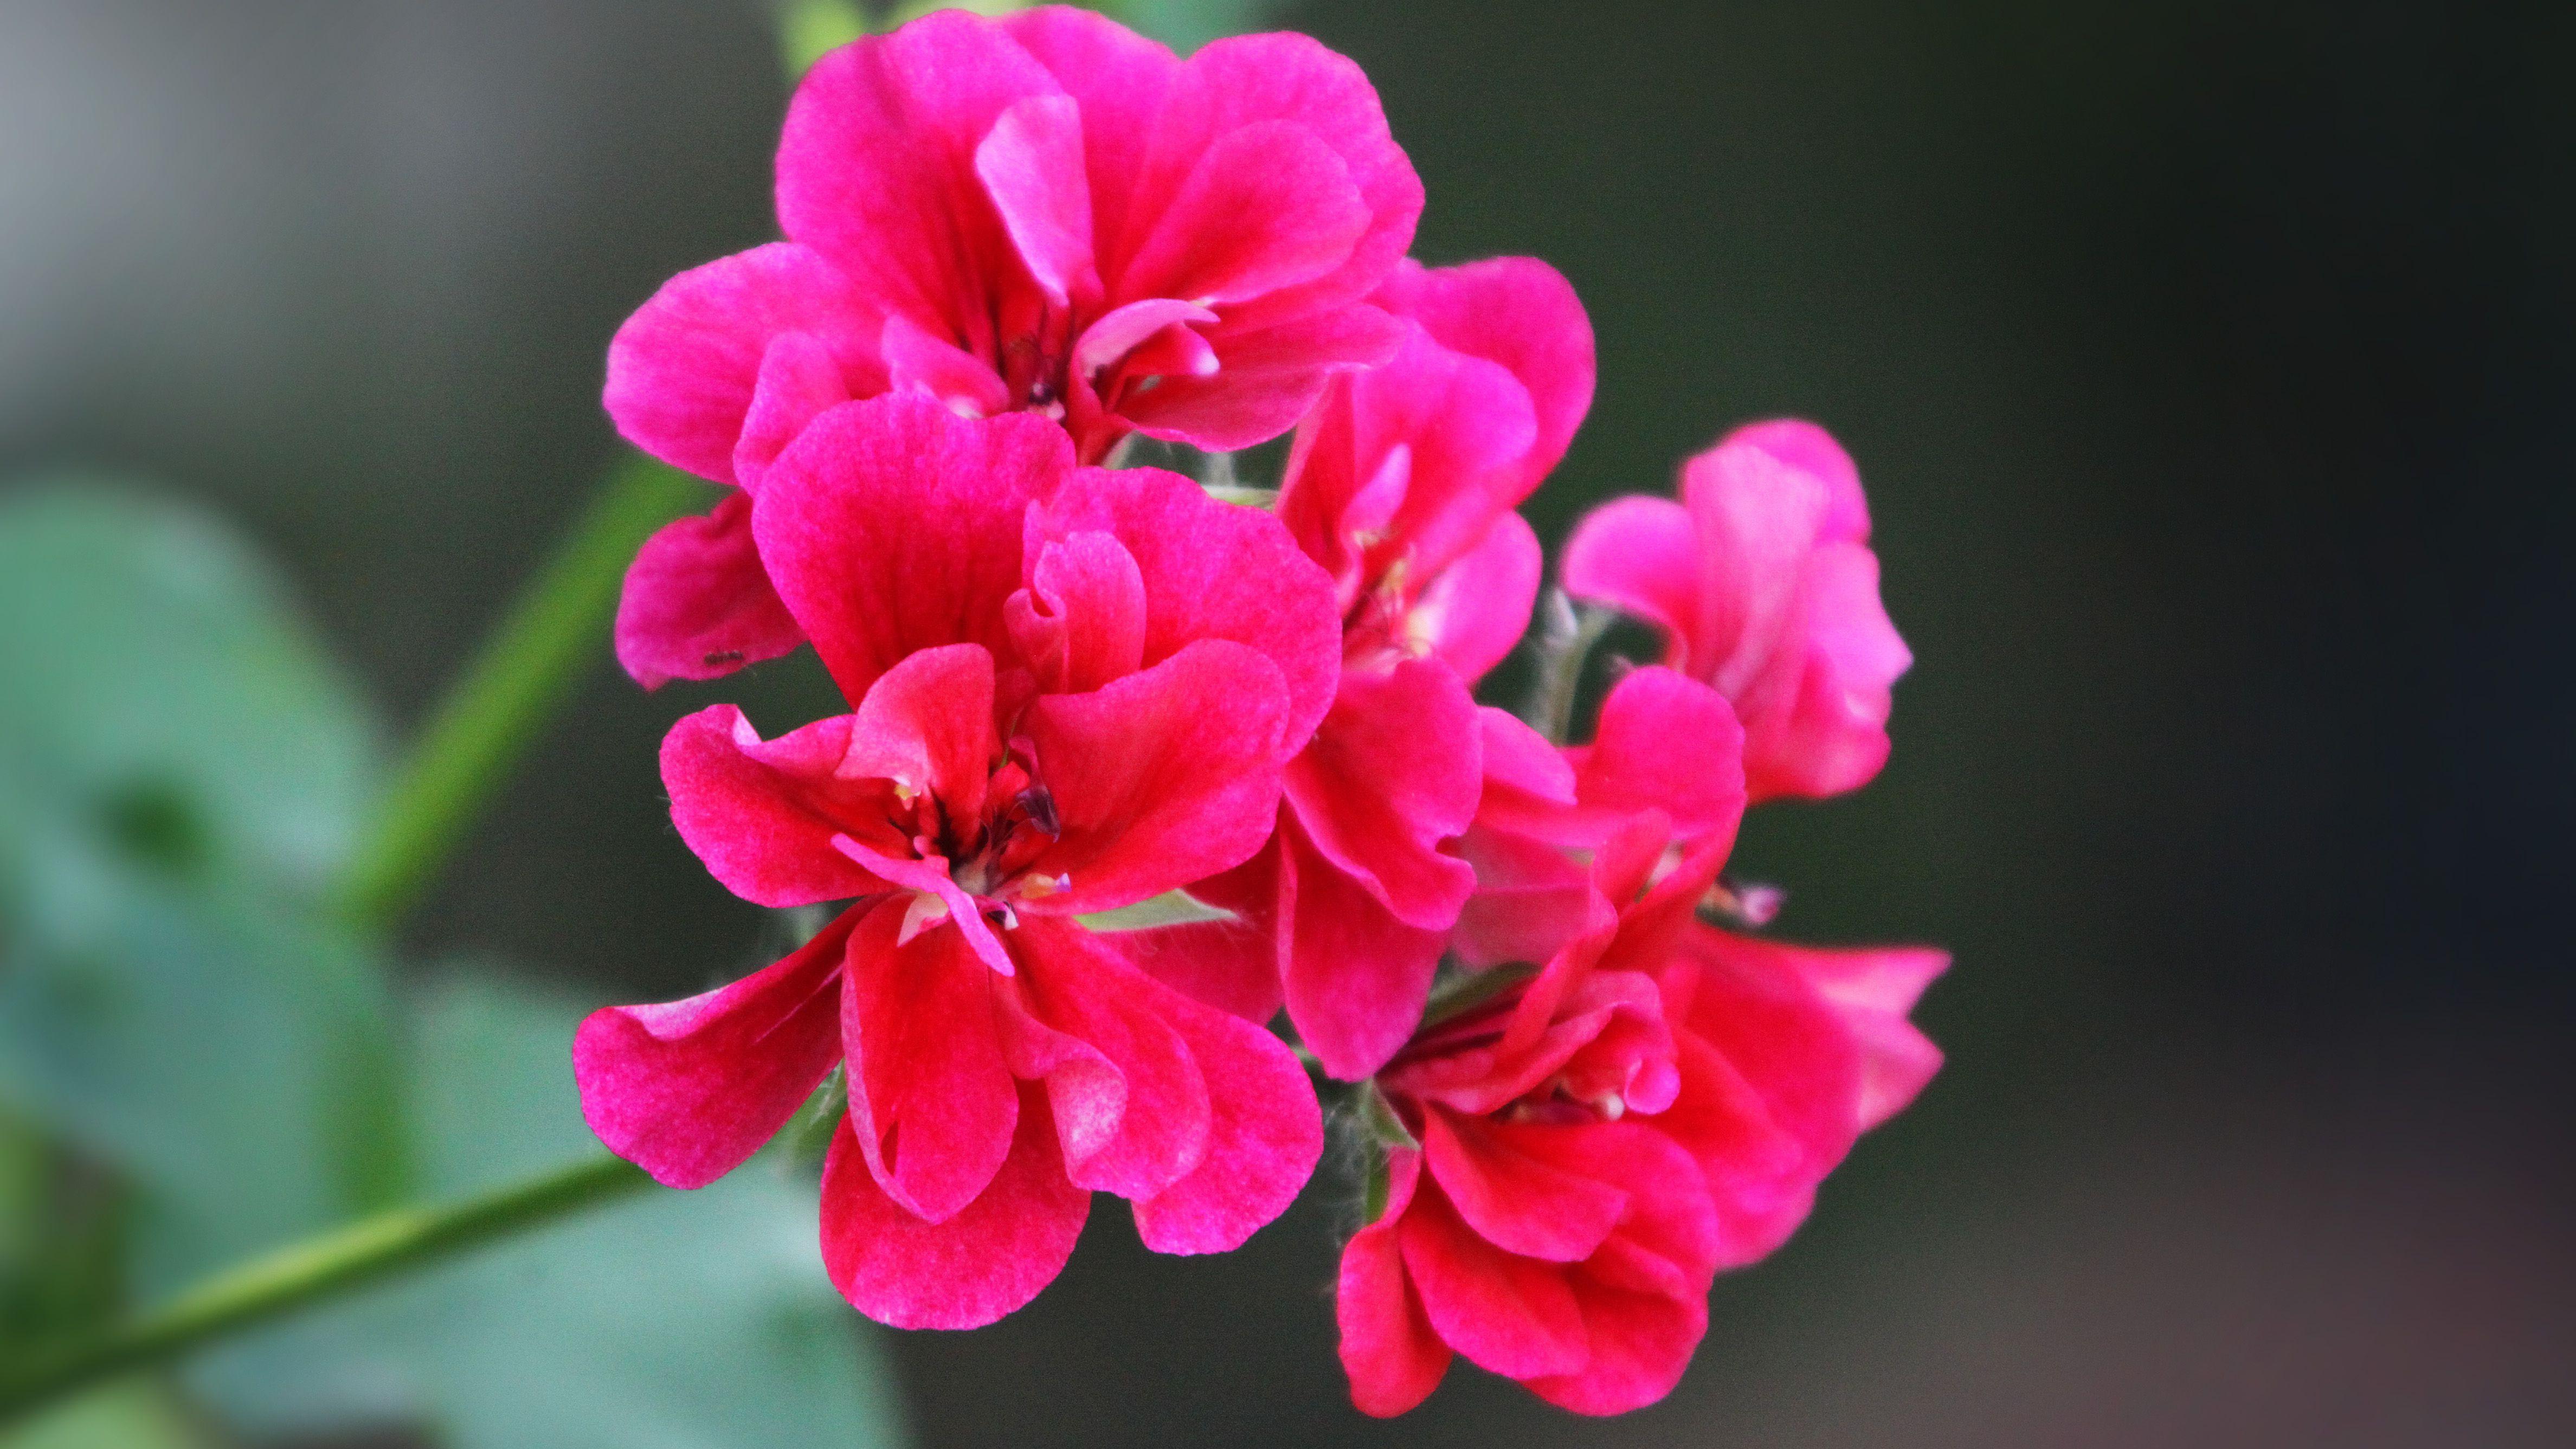 The Benefits Of Rose Geranium Essential Oil